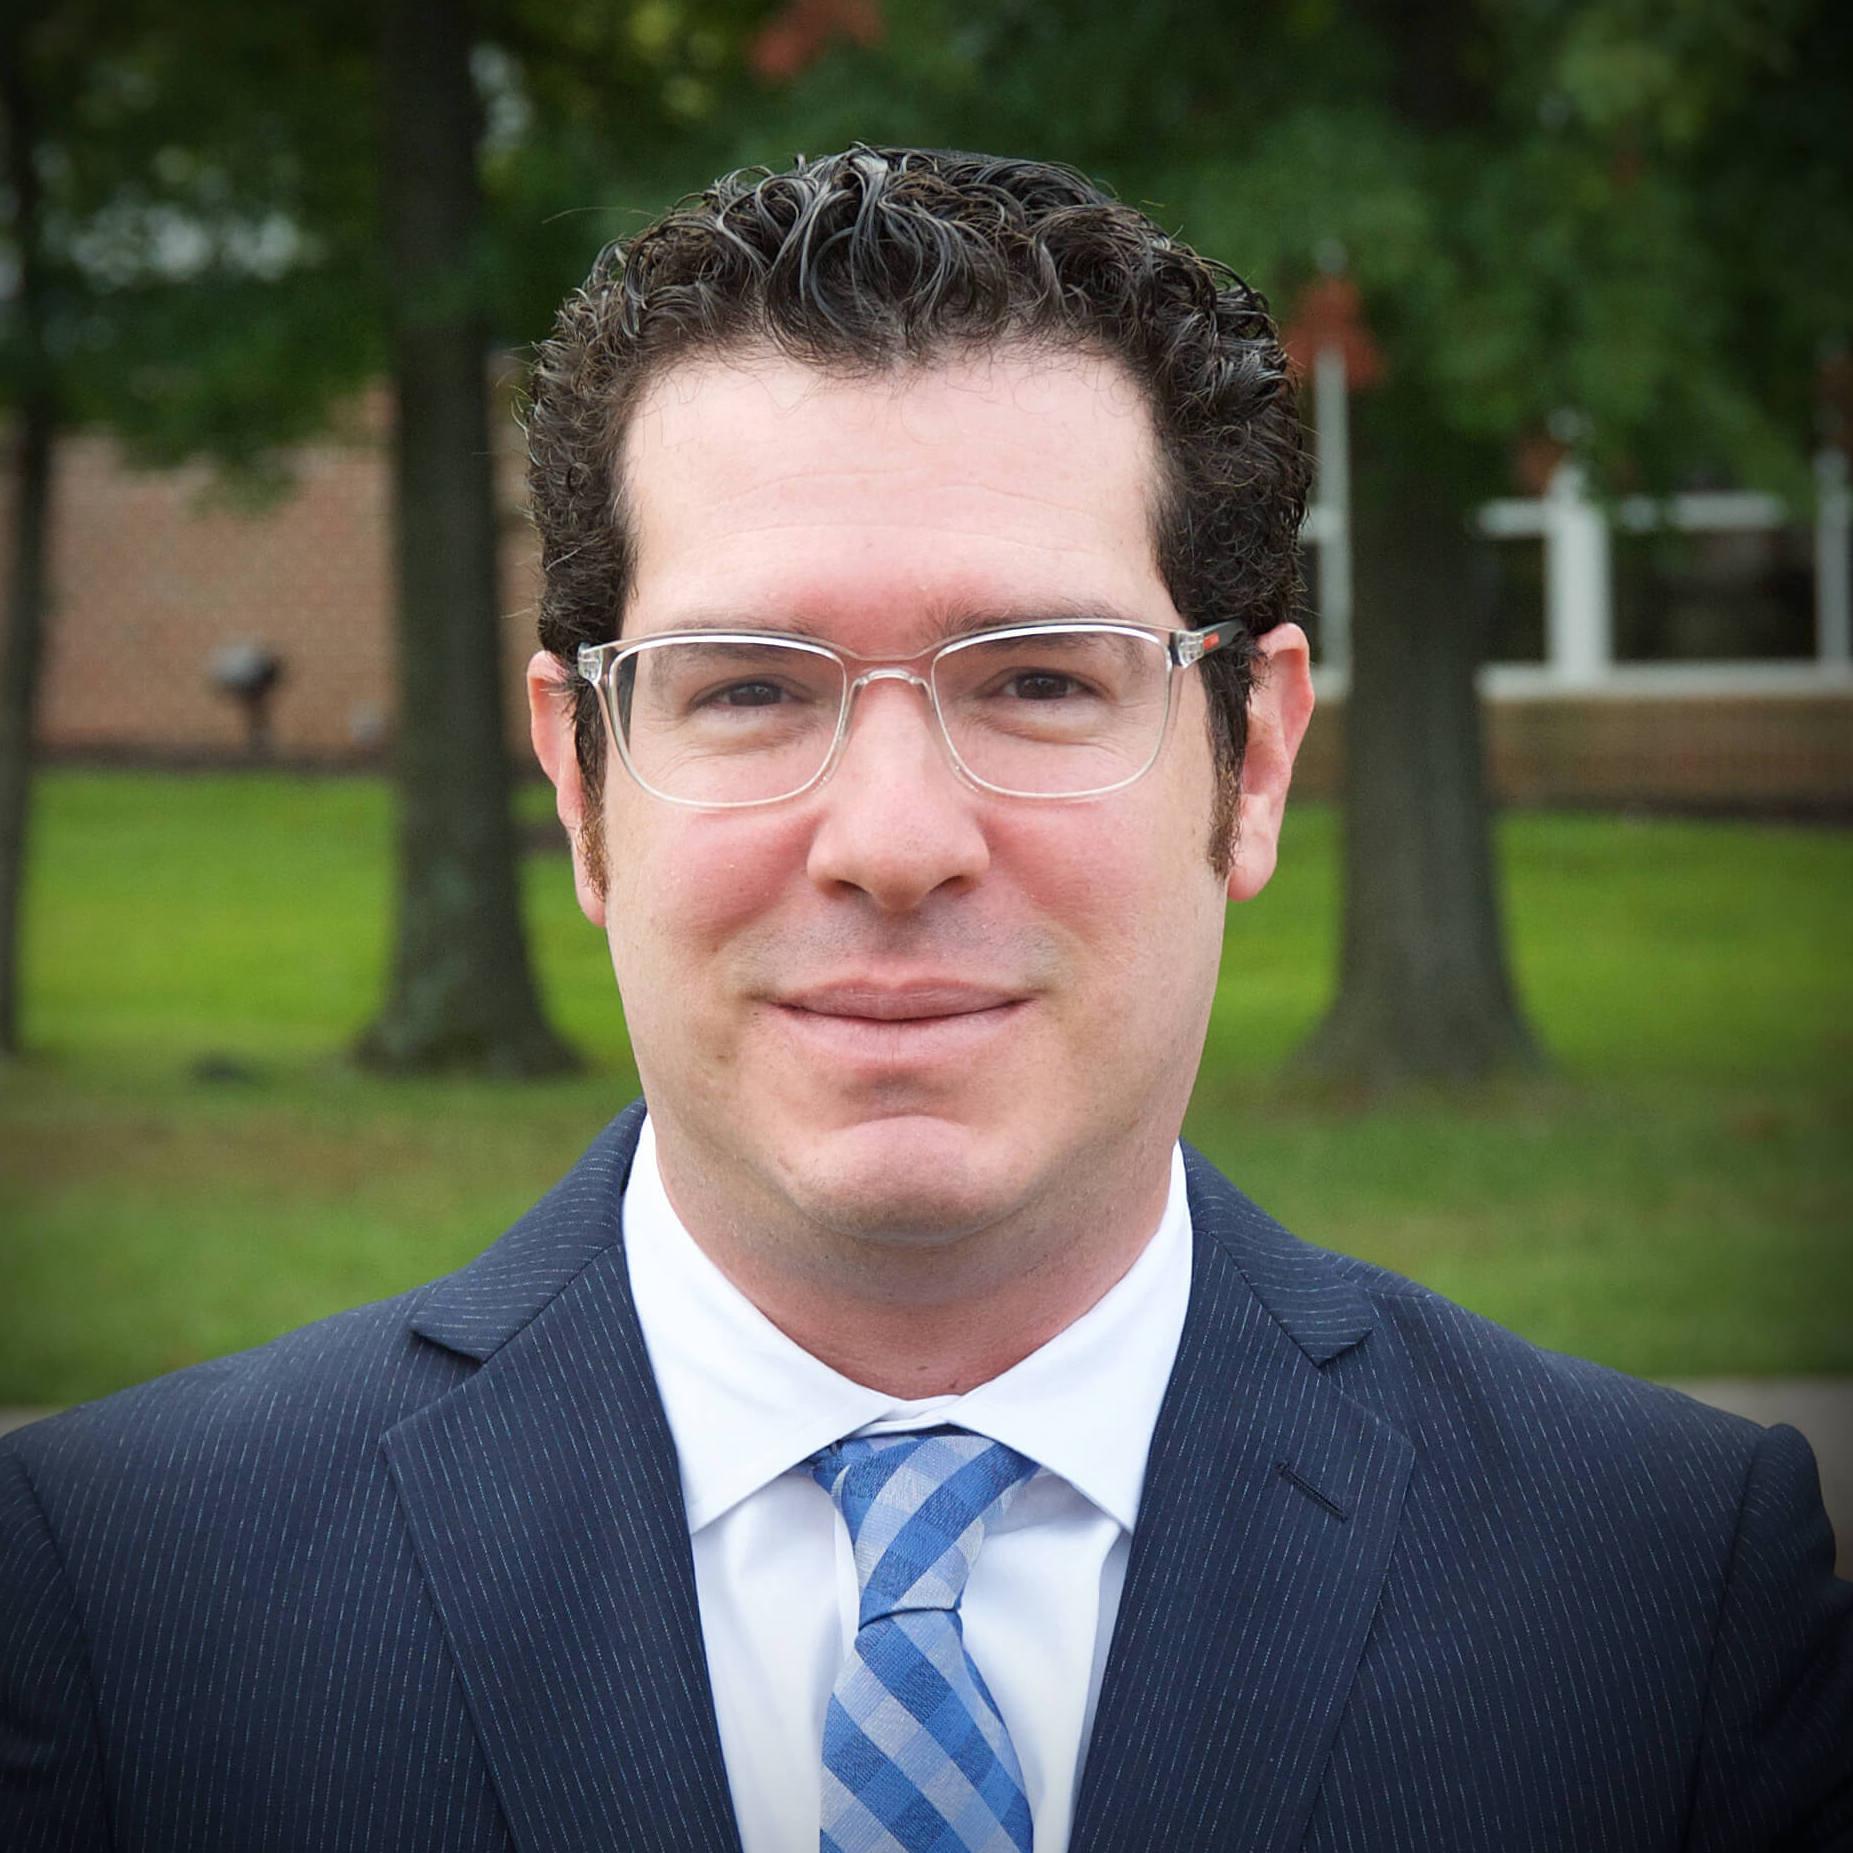 Jon Bierer